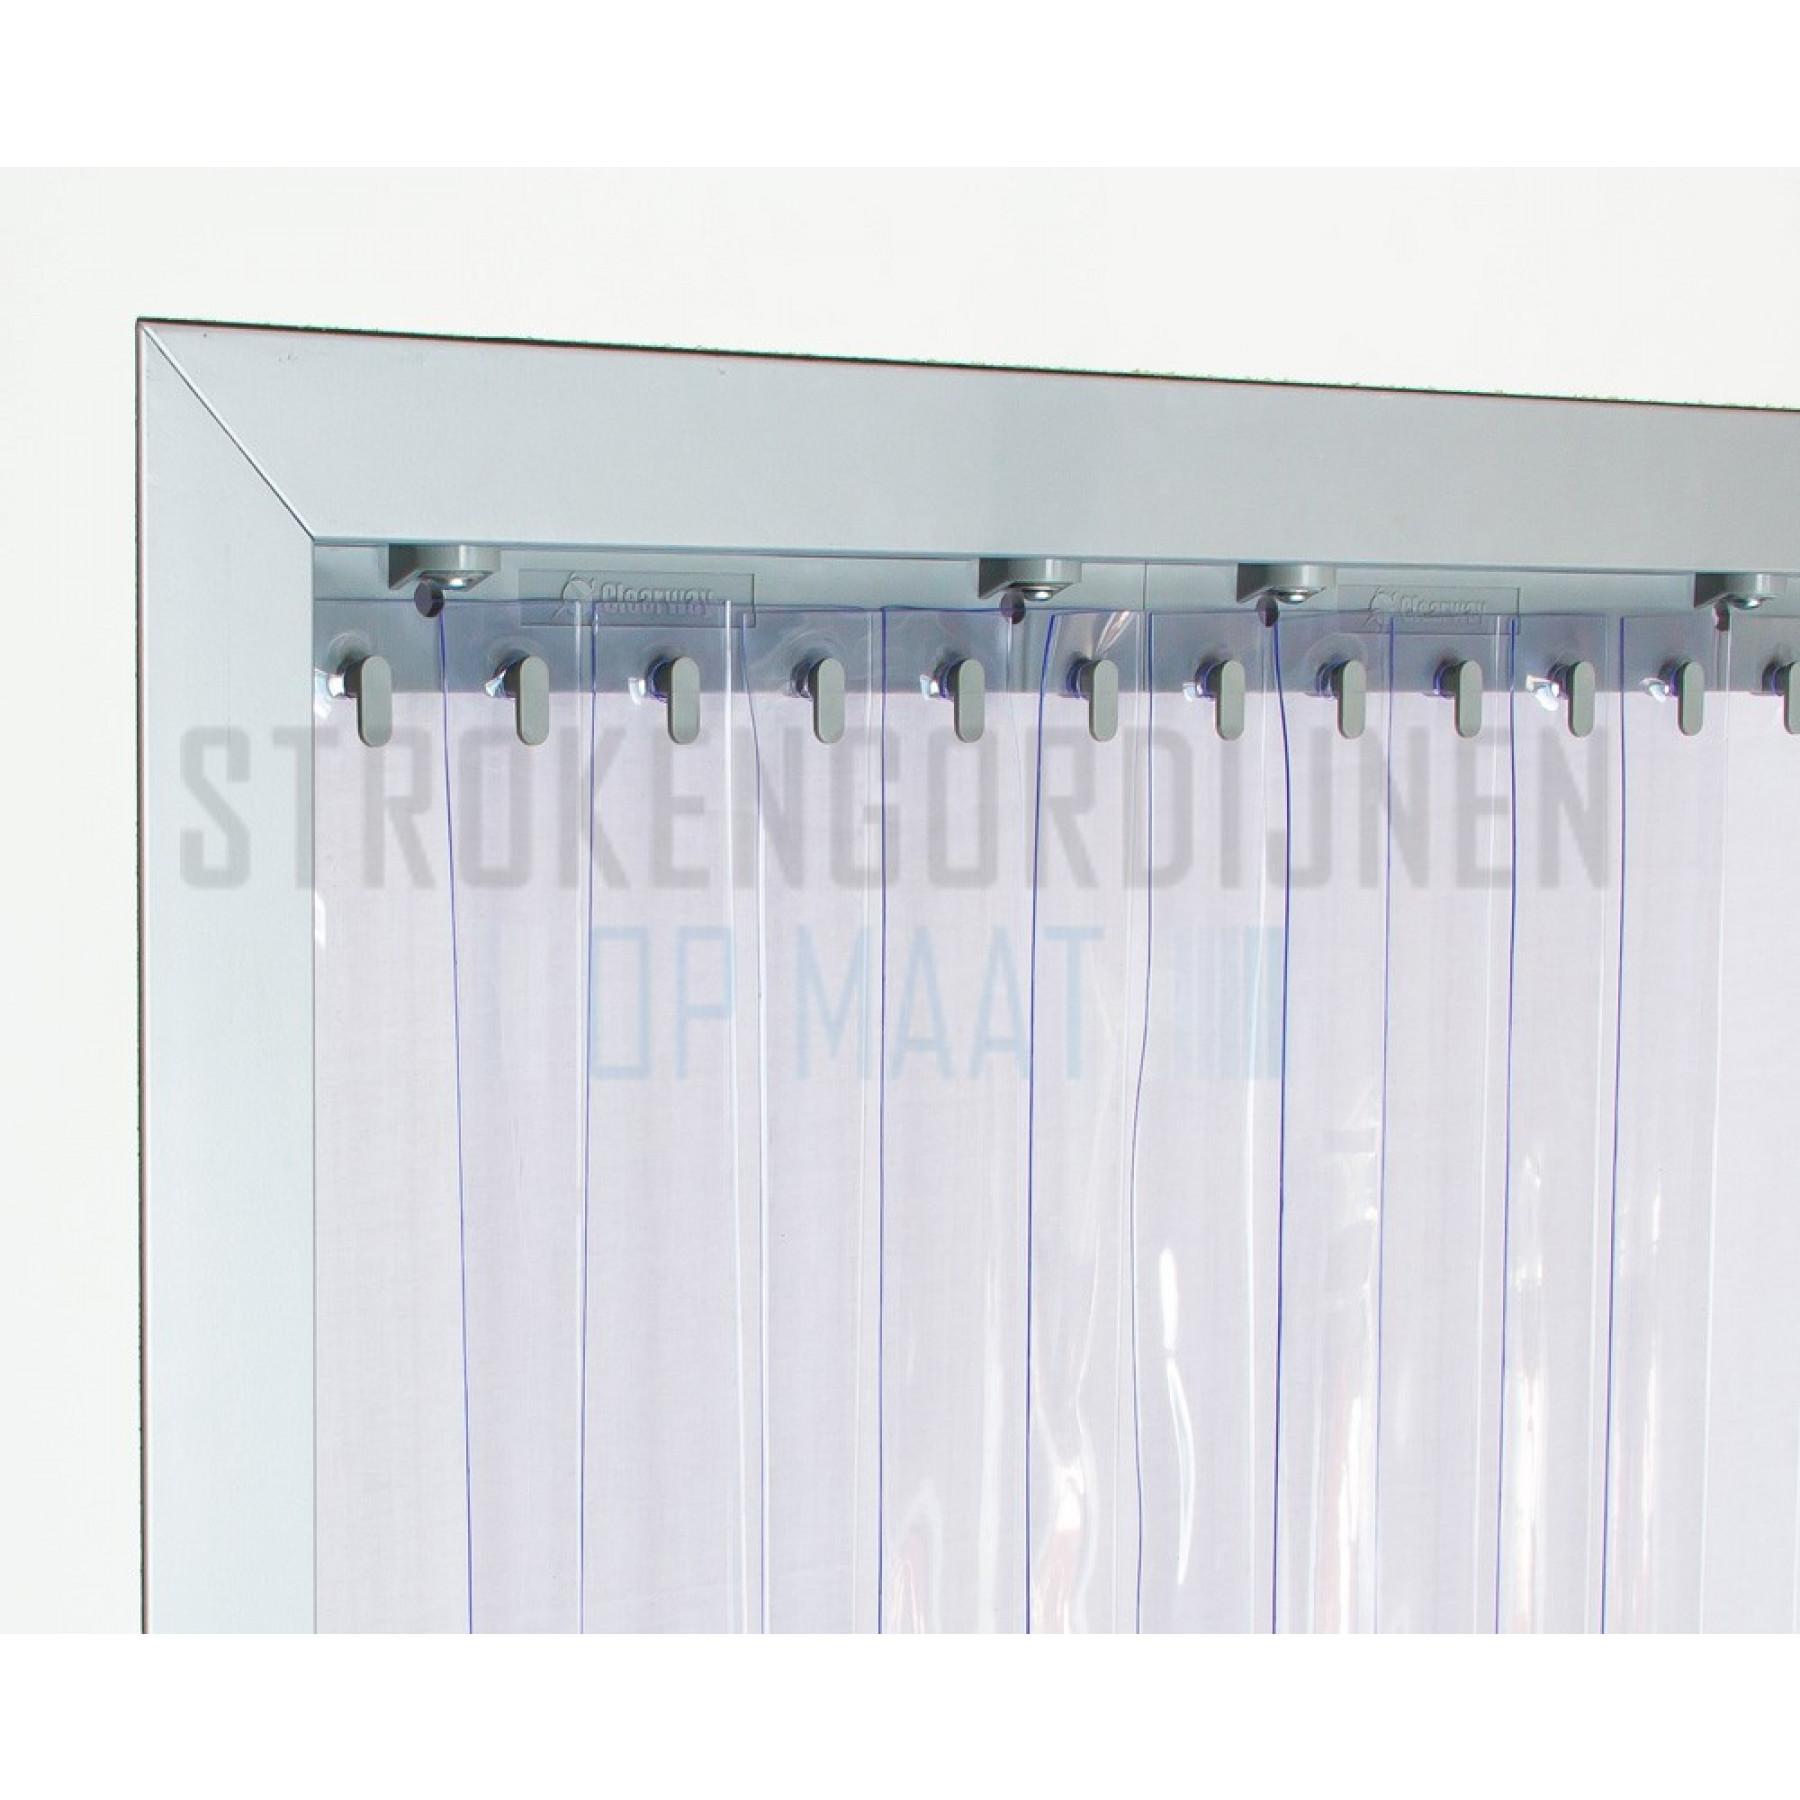 PVC op rol, 100mm breed, 1.2mm dik, 50 meter lengte, transparant